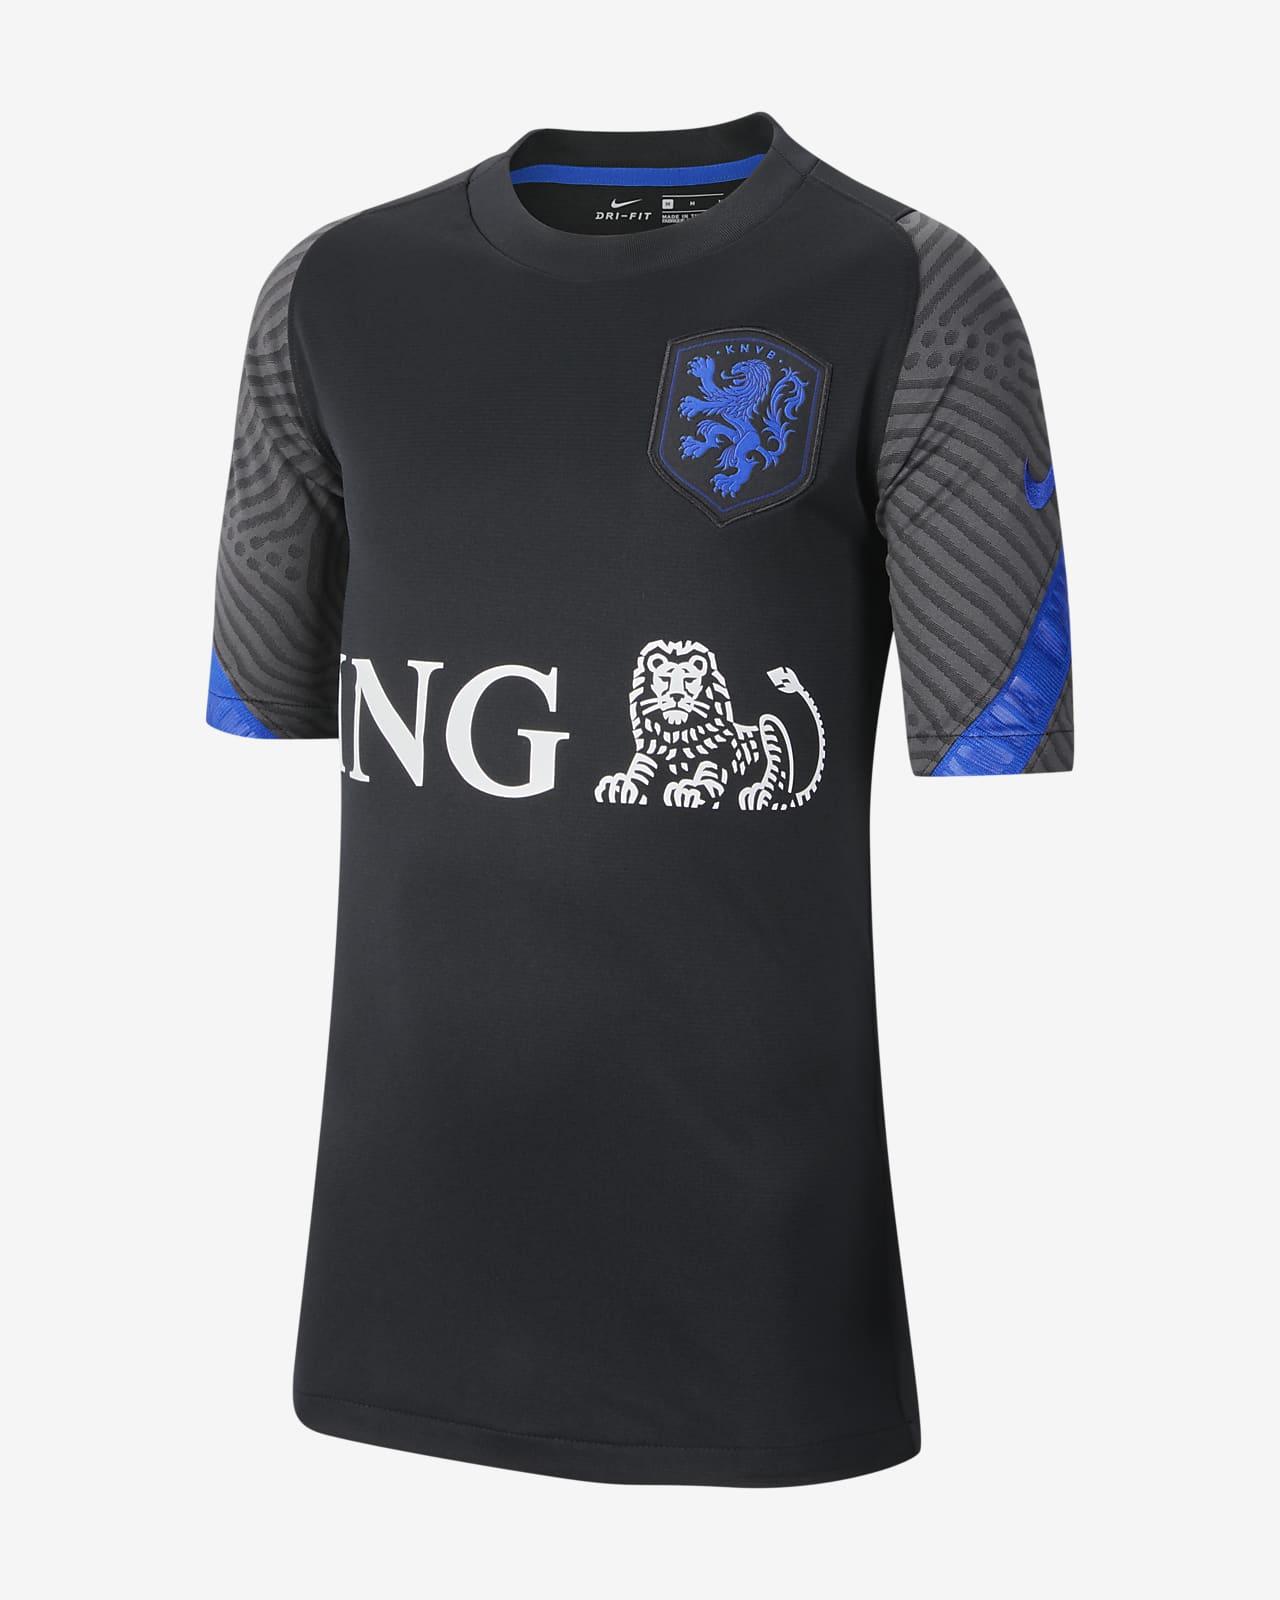 Camisola de futebol de manga curta Strike Países Baixos Júnior